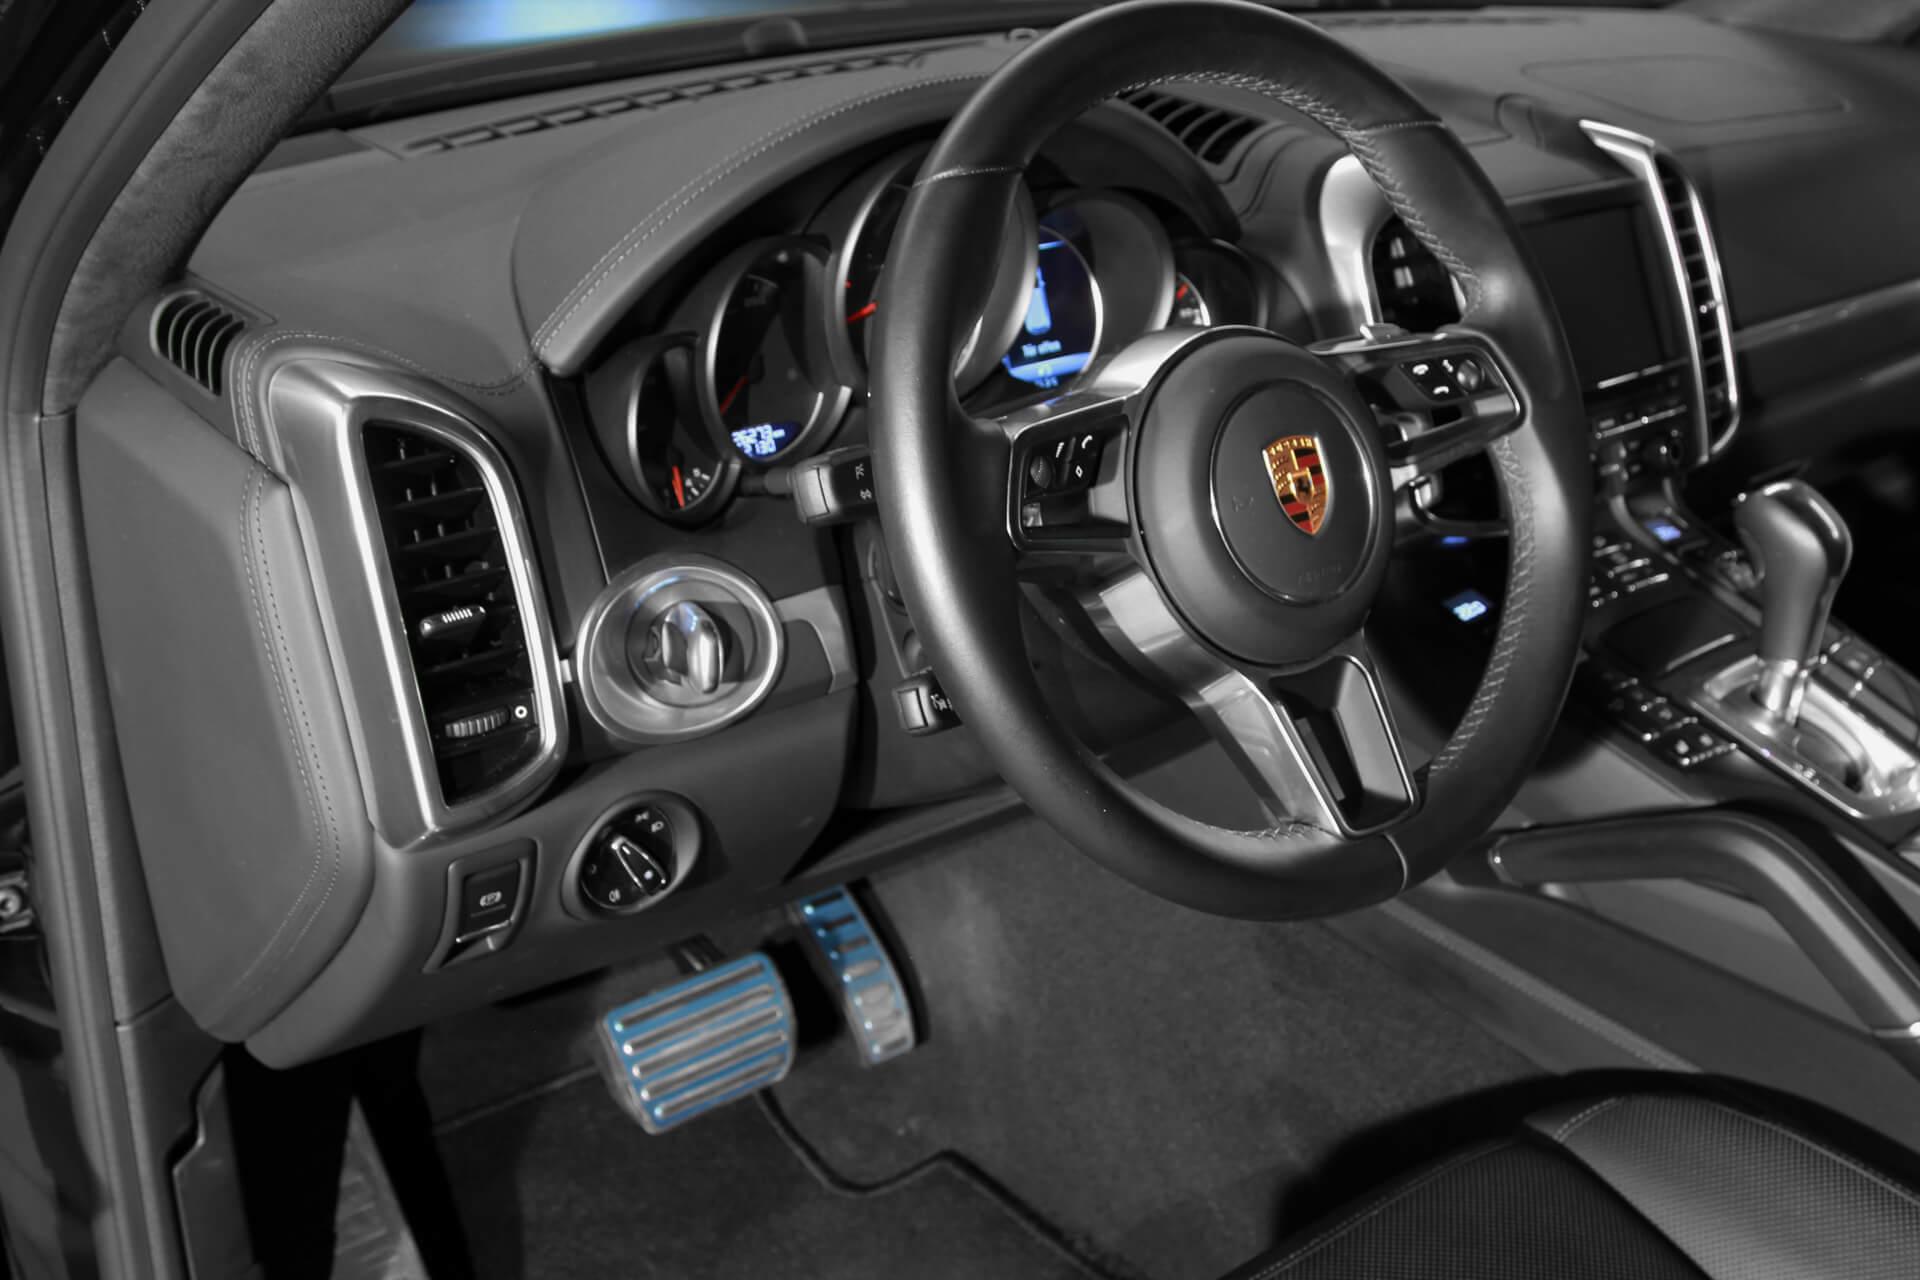 AIL Porsche Cayenne S Burmester High-End Surround 6